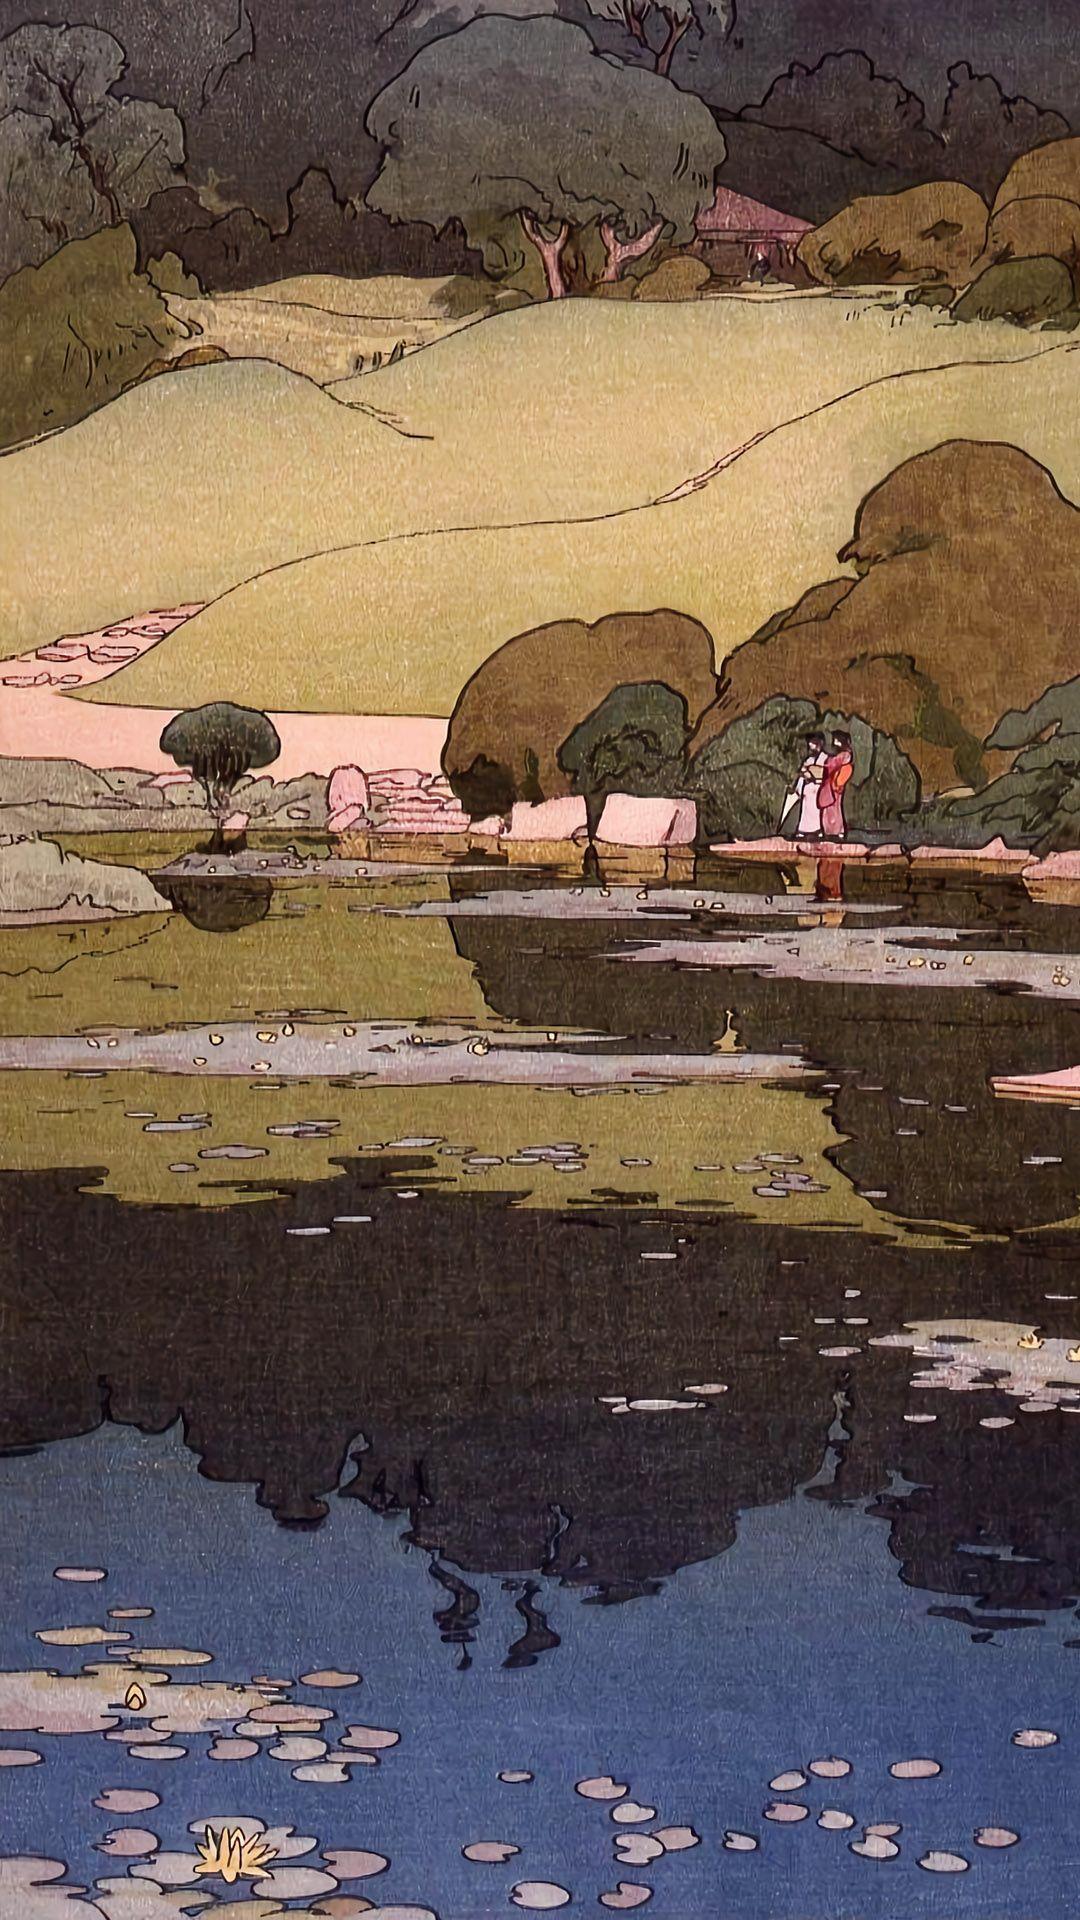 吉田博 東京拾二題 植物園の睡蓮 Yoshida Hiroshi 1080x19 壁紙ギャラリー Kagirohi アニメの風景 美的芸術 壁紙アート